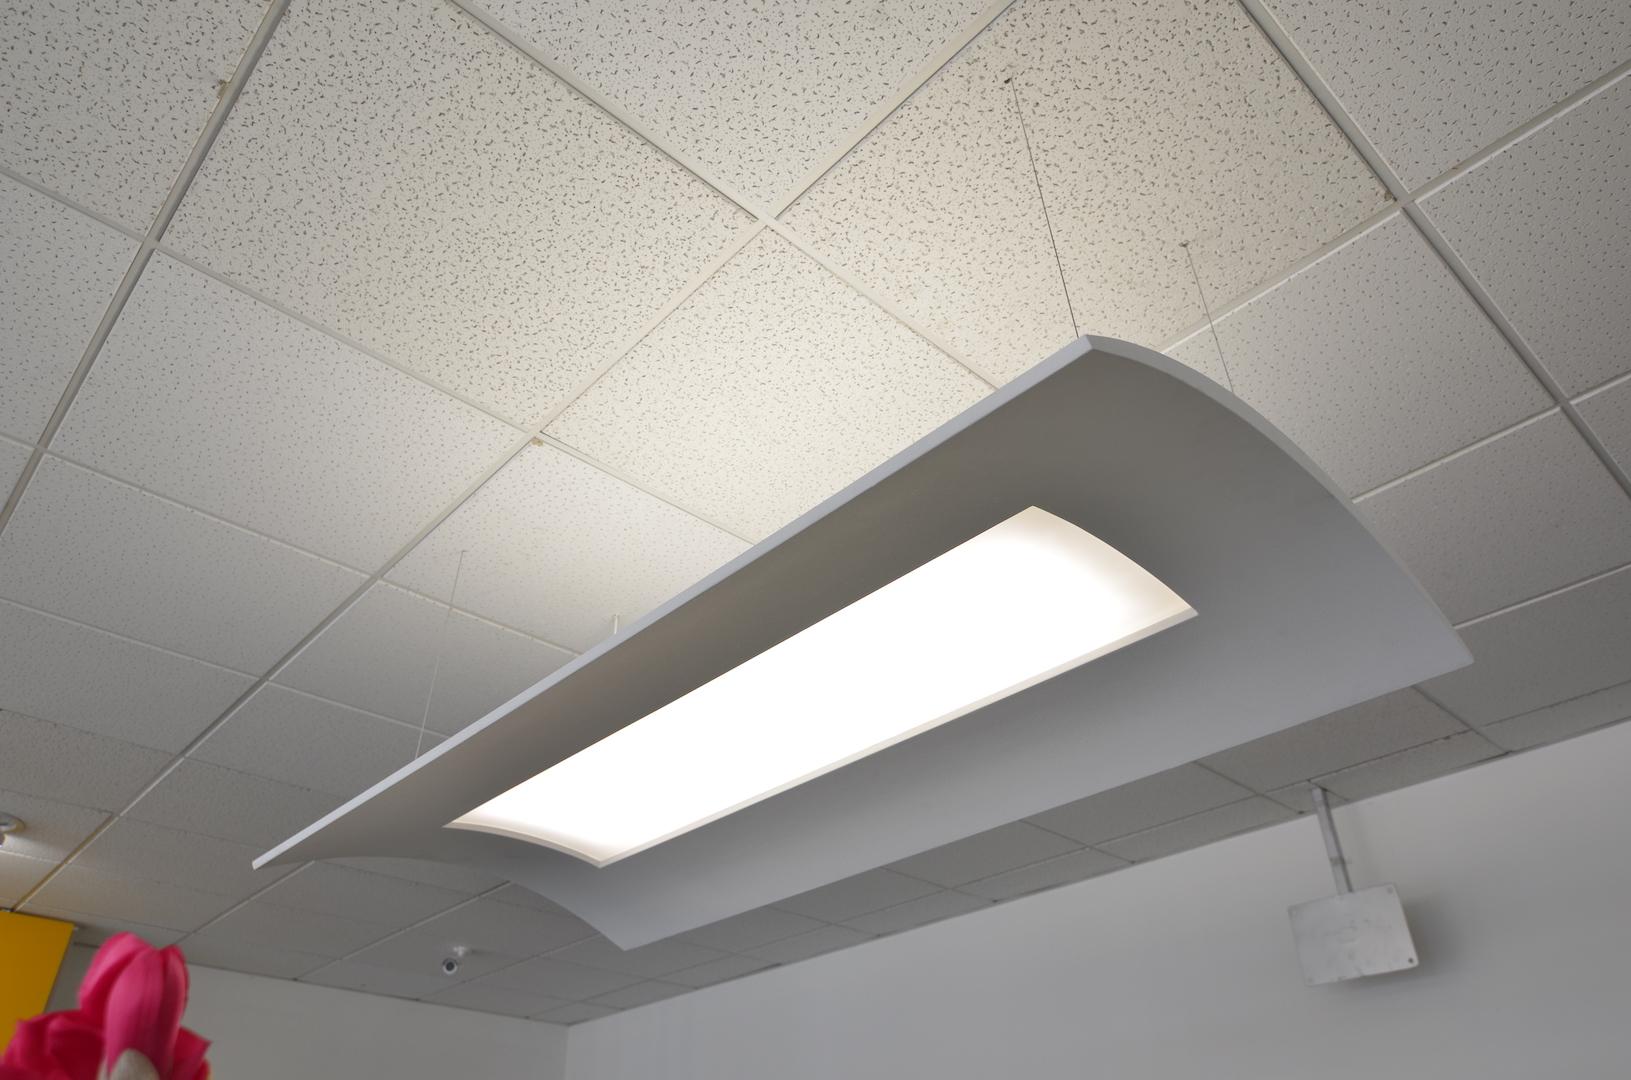 Sádrové LED svítidlo pro nasvícení klemby